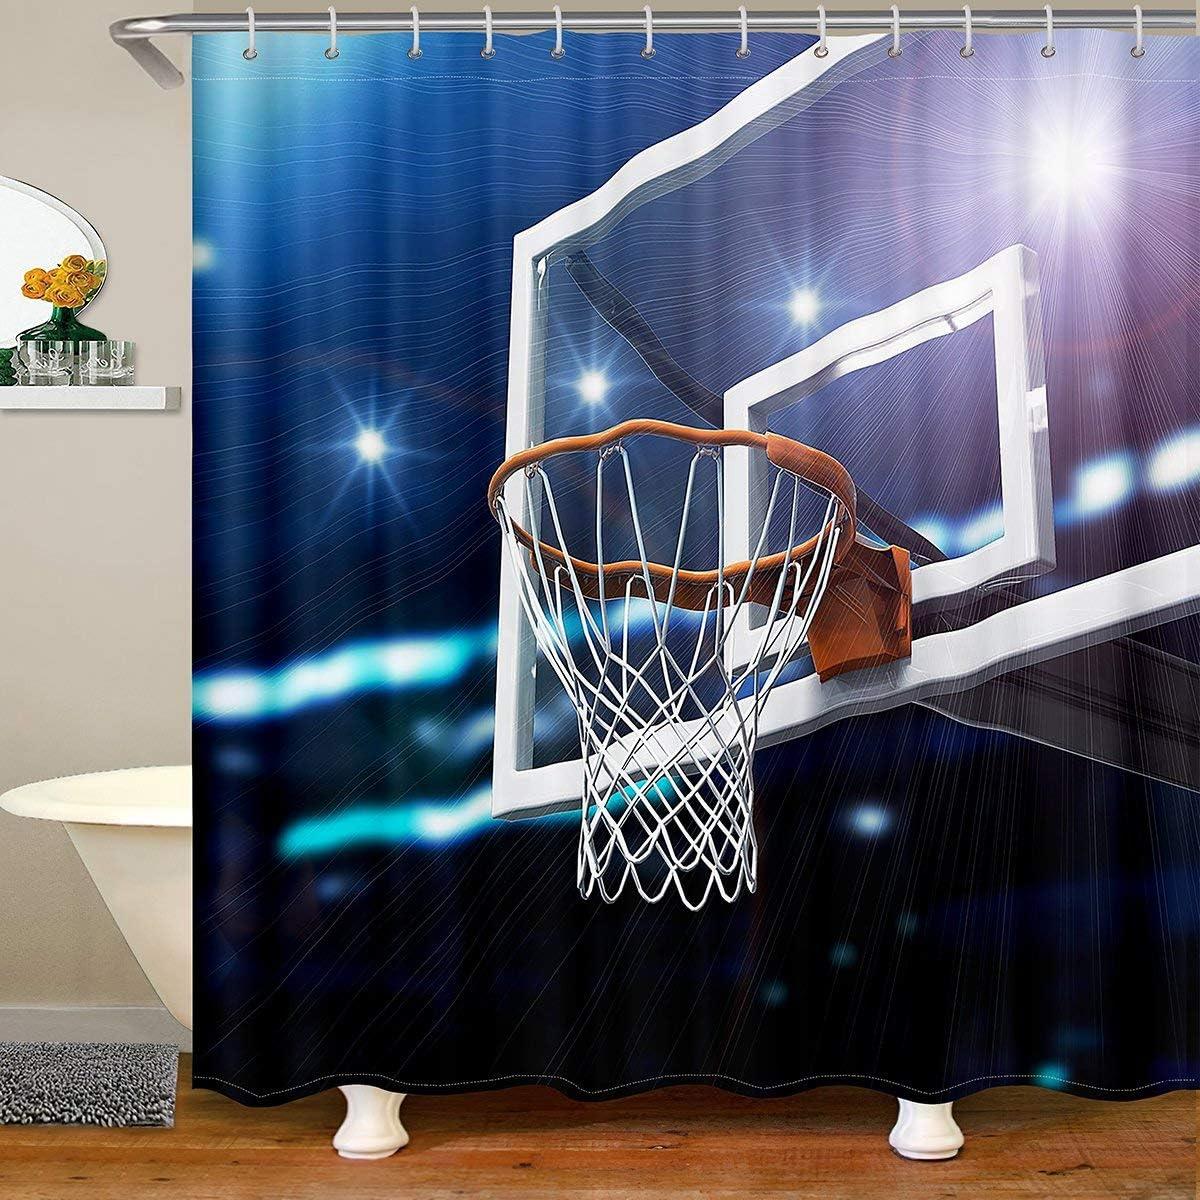 Loussiesd Cortina de ducha de baloncesto accesorios con ganchos 3D Shot Ball Tela Cortina de ducha para niños, deportes, impermeable, 180 x 180 cm